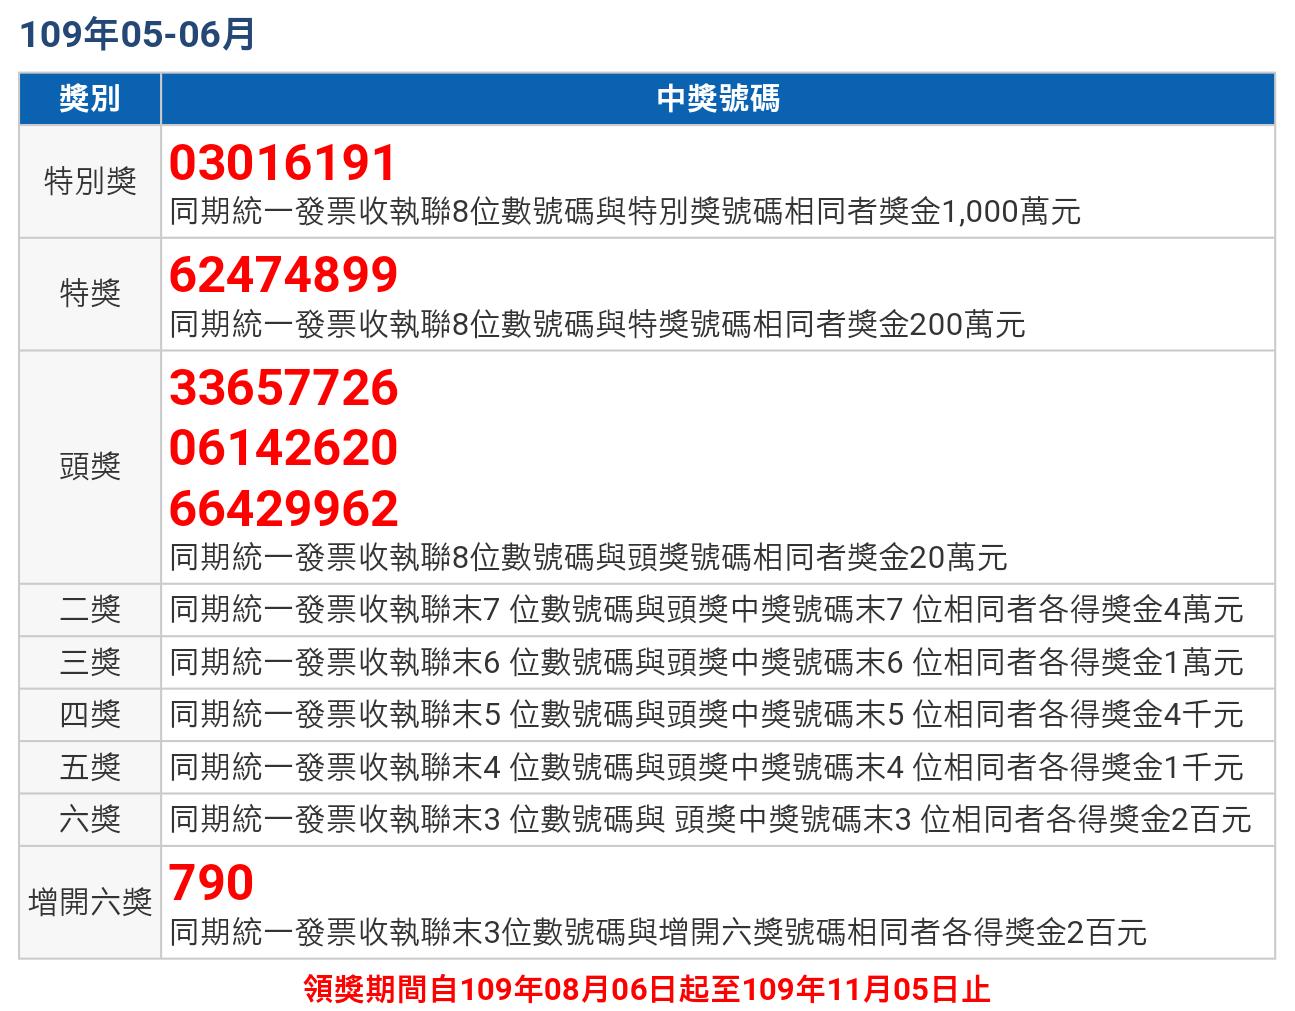 【統一發票】109年05-06月中獎號碼